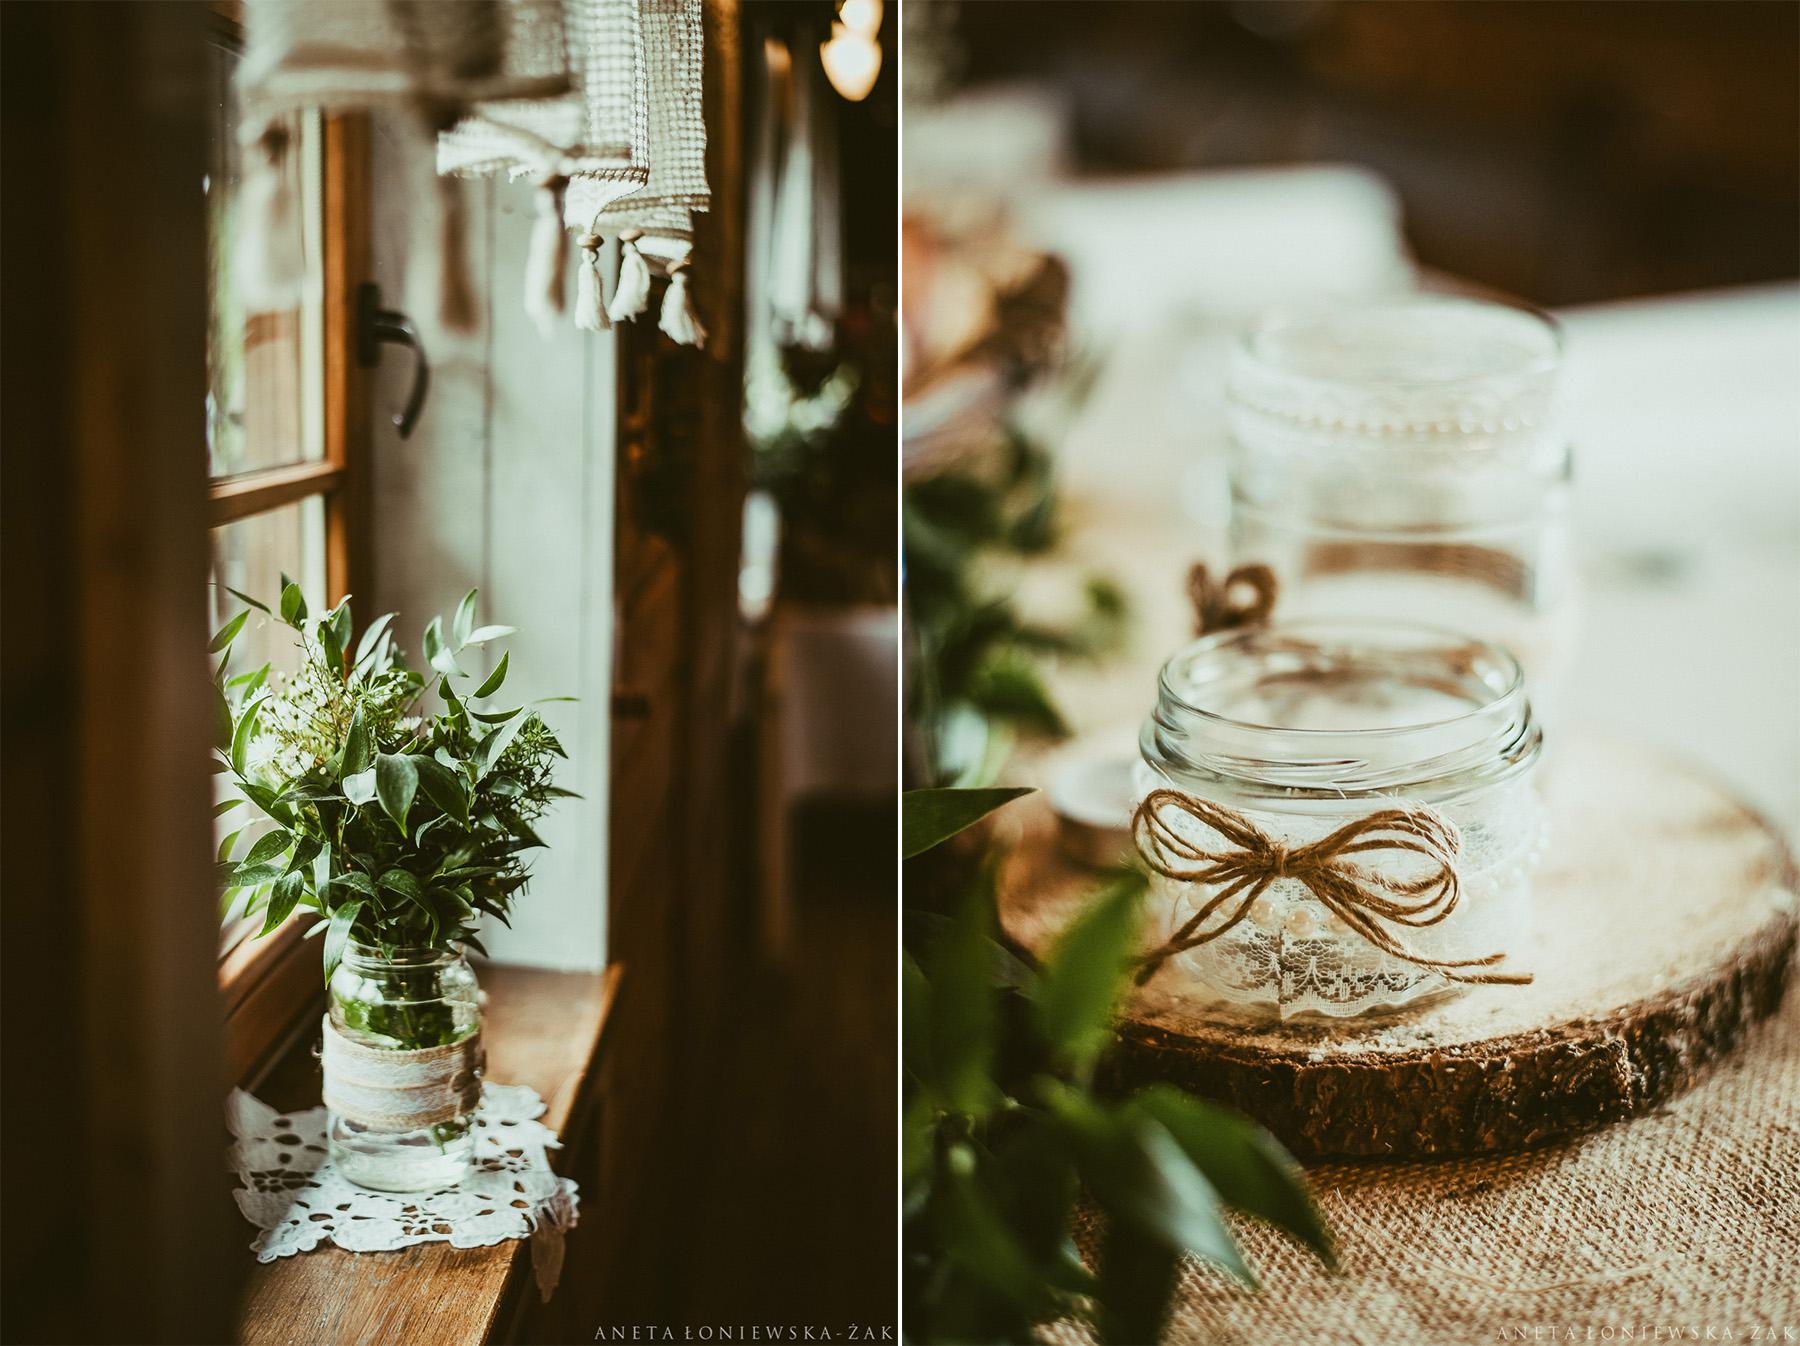 wesele leśników, wesele dwór dobarz, ślub w stylu leśnym, ślub rustykalny podlasie, ślub boho podlasie, fotograf boho podlasie, fotograf ślubny białystok, ślub boho białystok